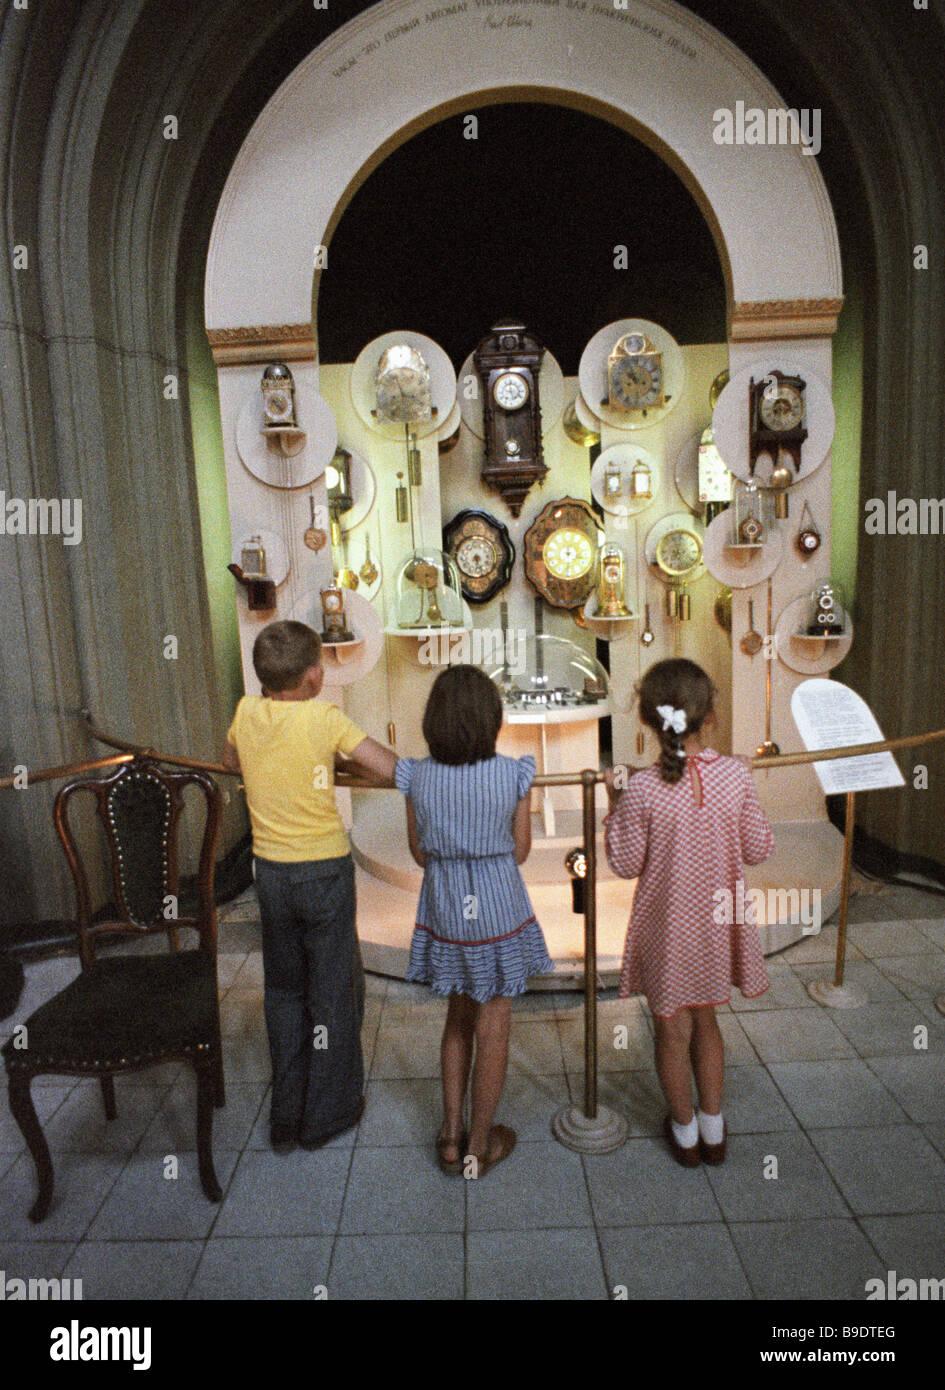 Watch museum Vladimir - Stock Image